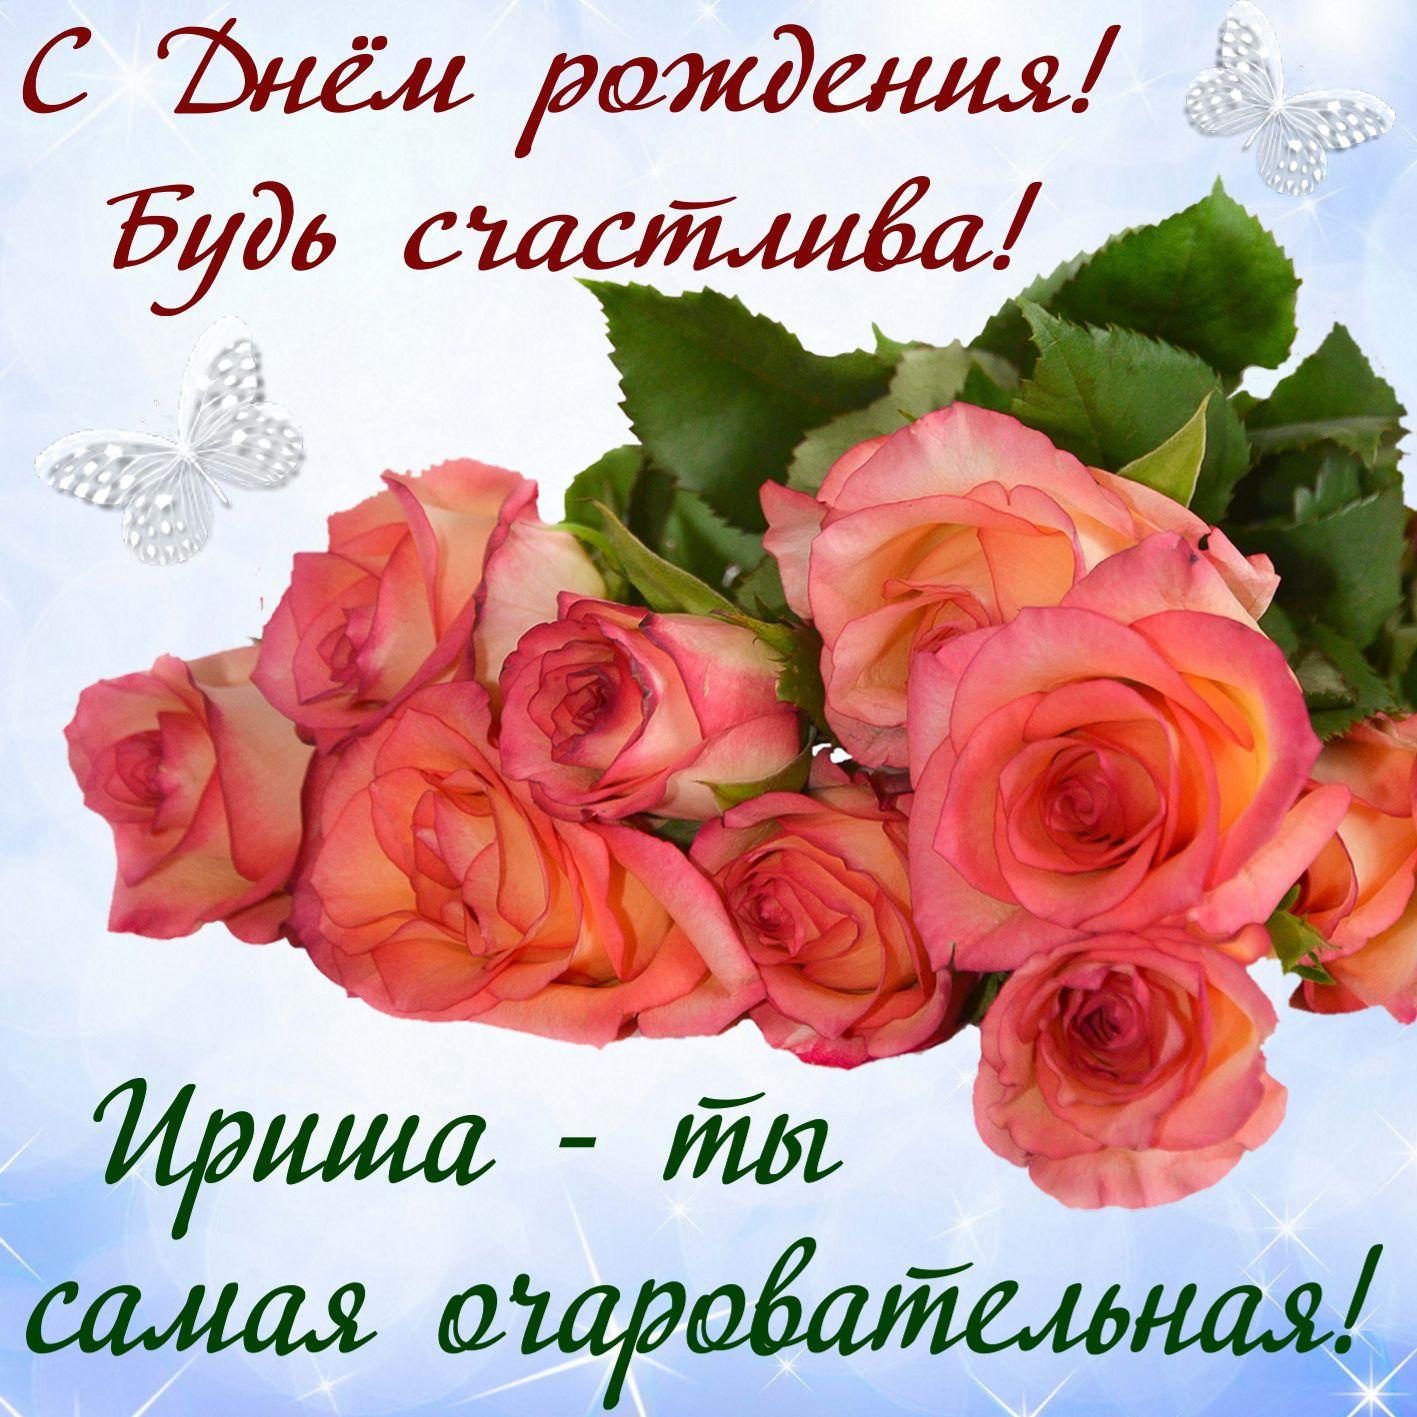 Оксана с днем рождения картинки красивые цветы